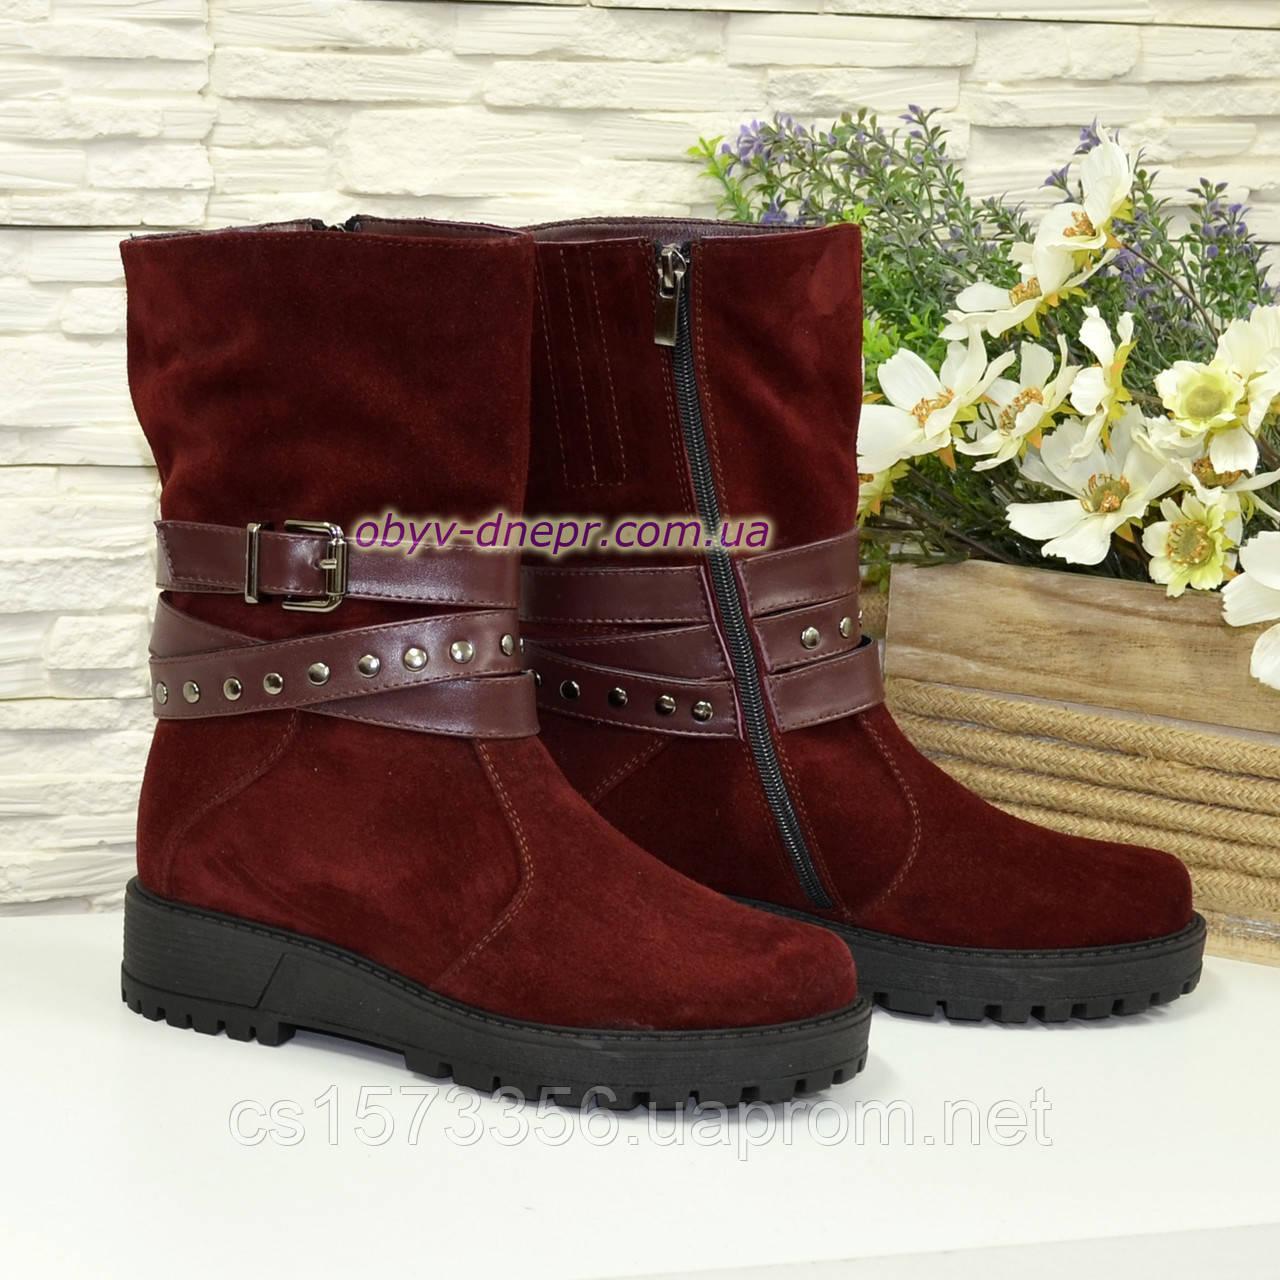 Черевики бордові жіночі замшеві туфлі на товстій підошві